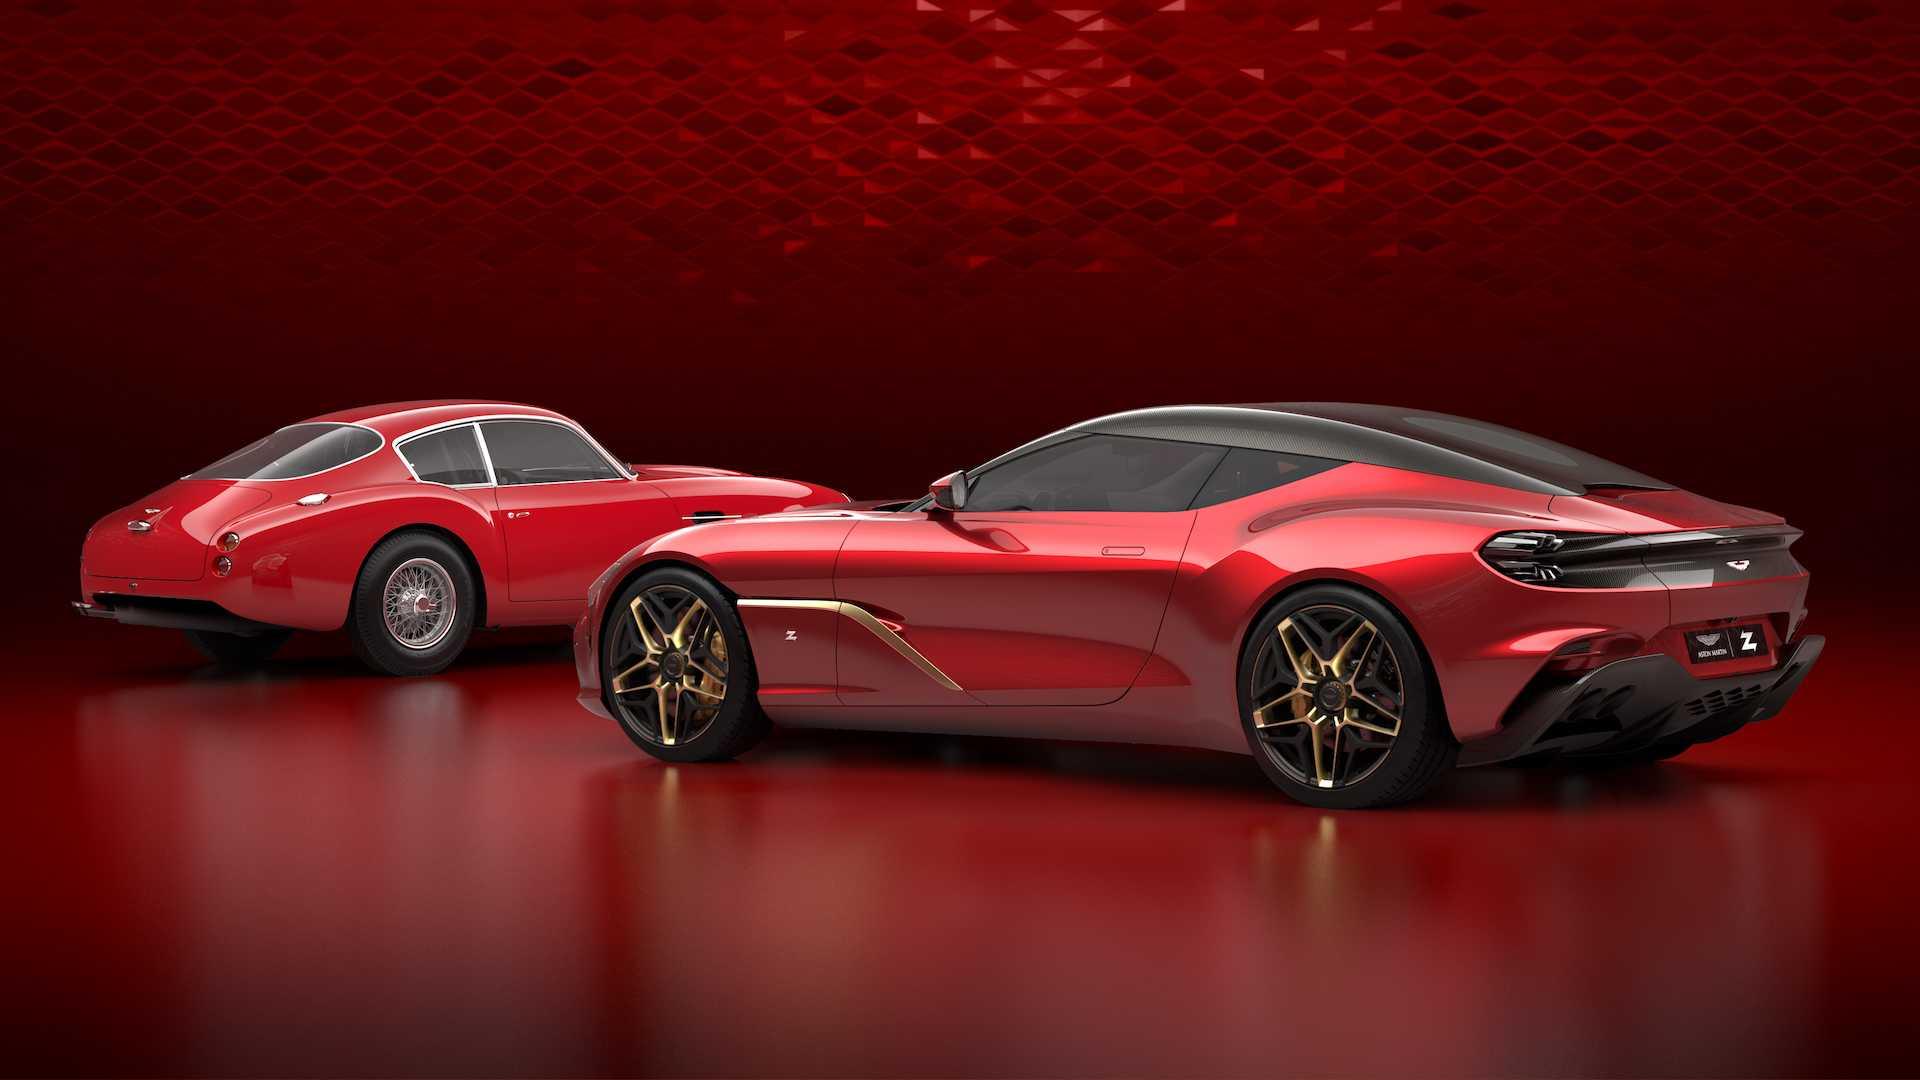 Aston Martin Revela El Dbs Gt Zagato Con 760 Hp Y Un V 12 Hstechnik Motorsport